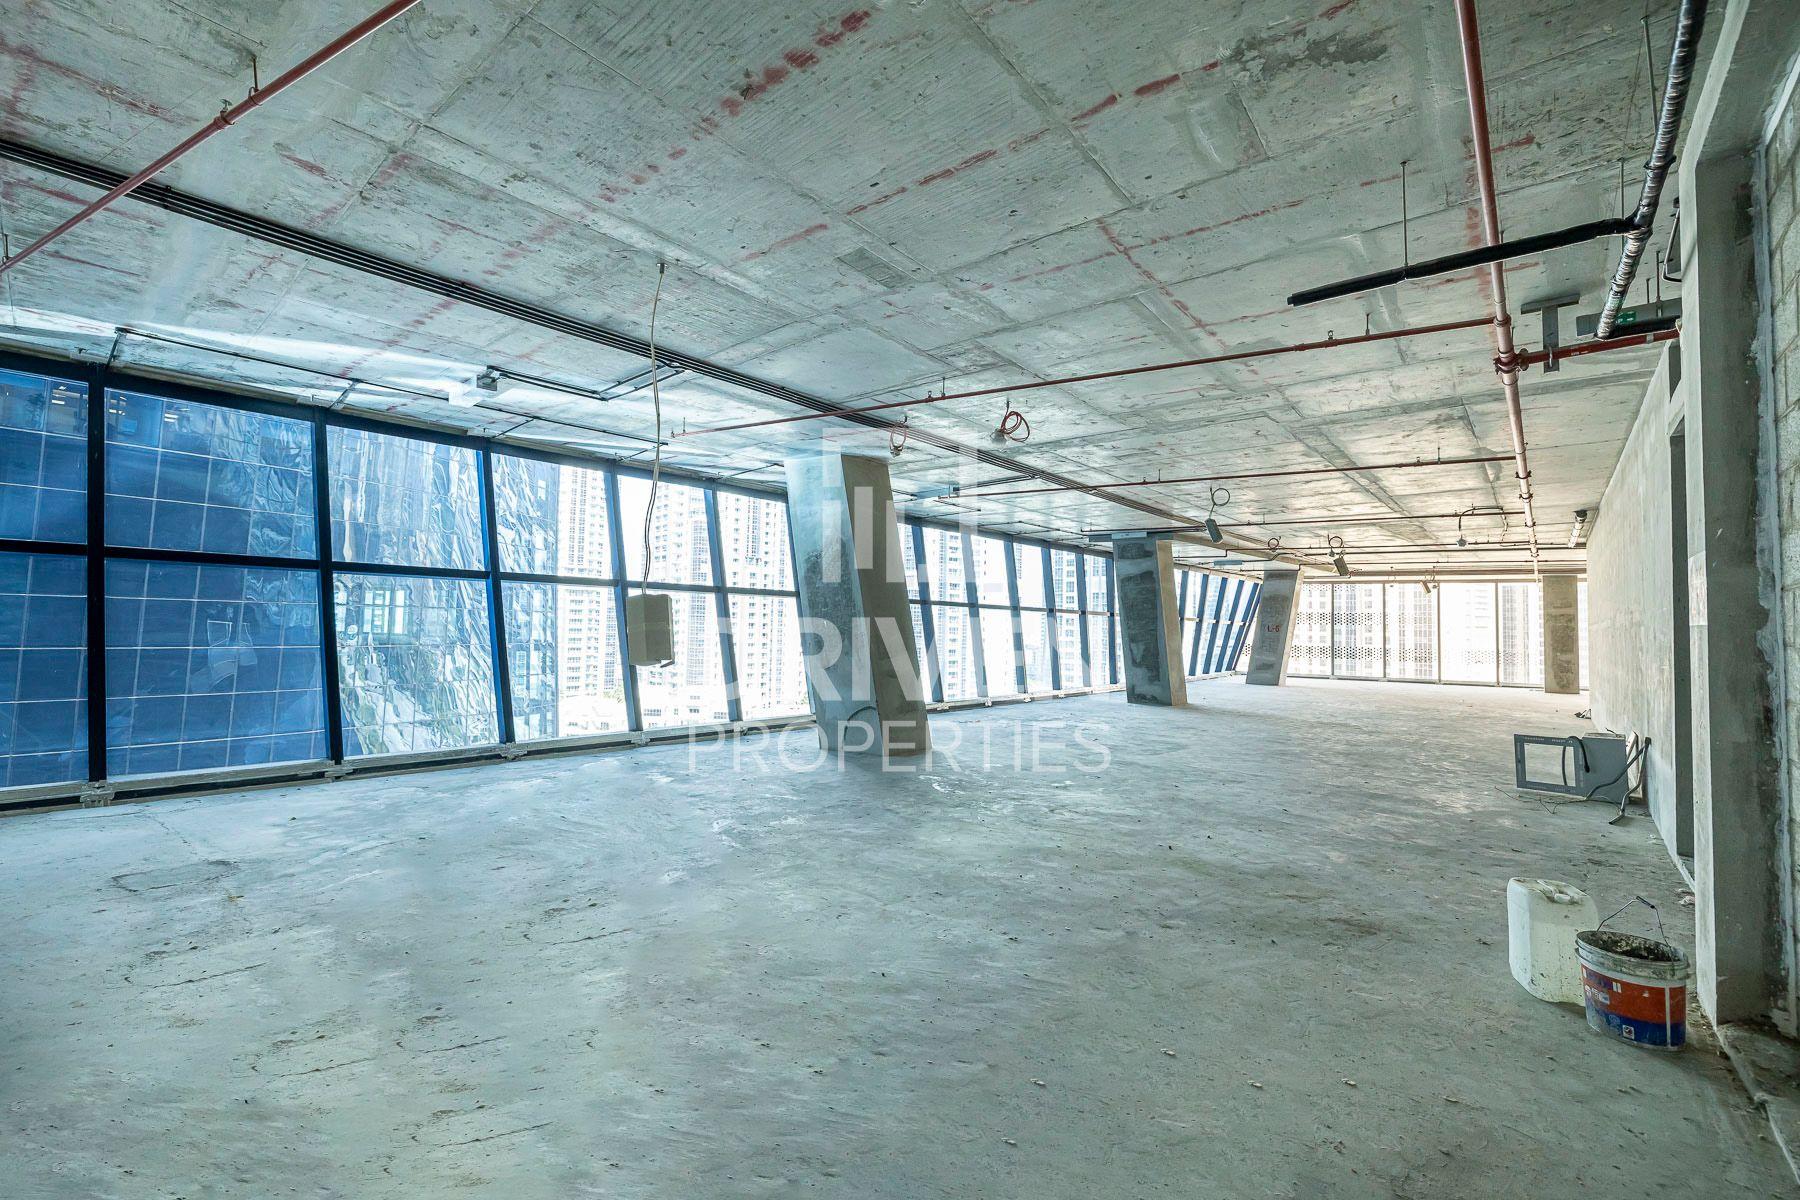 للبيع - مكتب - برج أوبوس - الخليج التجاري